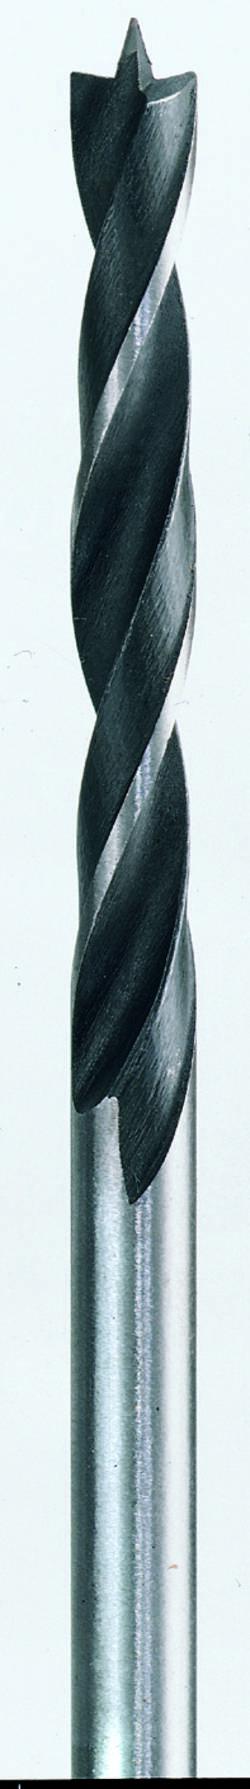 Foret pour le bois 13 mm Bosch Accessories 2609255210 Longueur 150 mm N/A 1 pc(s)